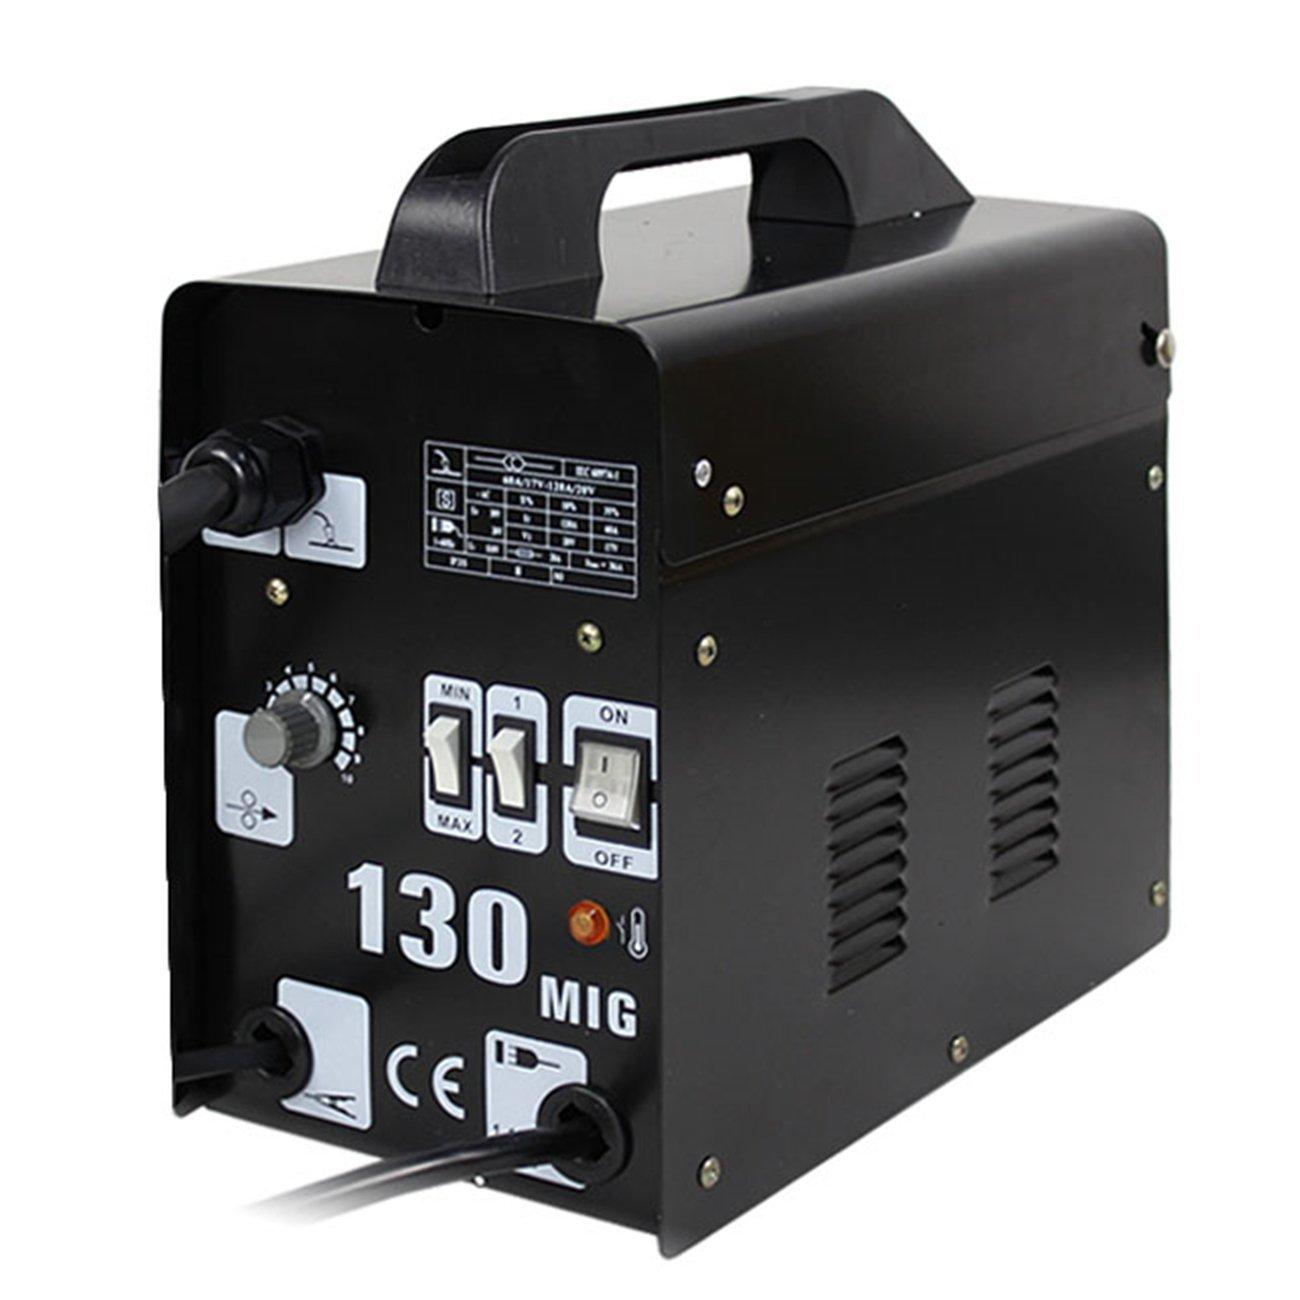 Segawe Auto Feeder Mig 130 Gas-less Flux Core Wire Welder Welding ...